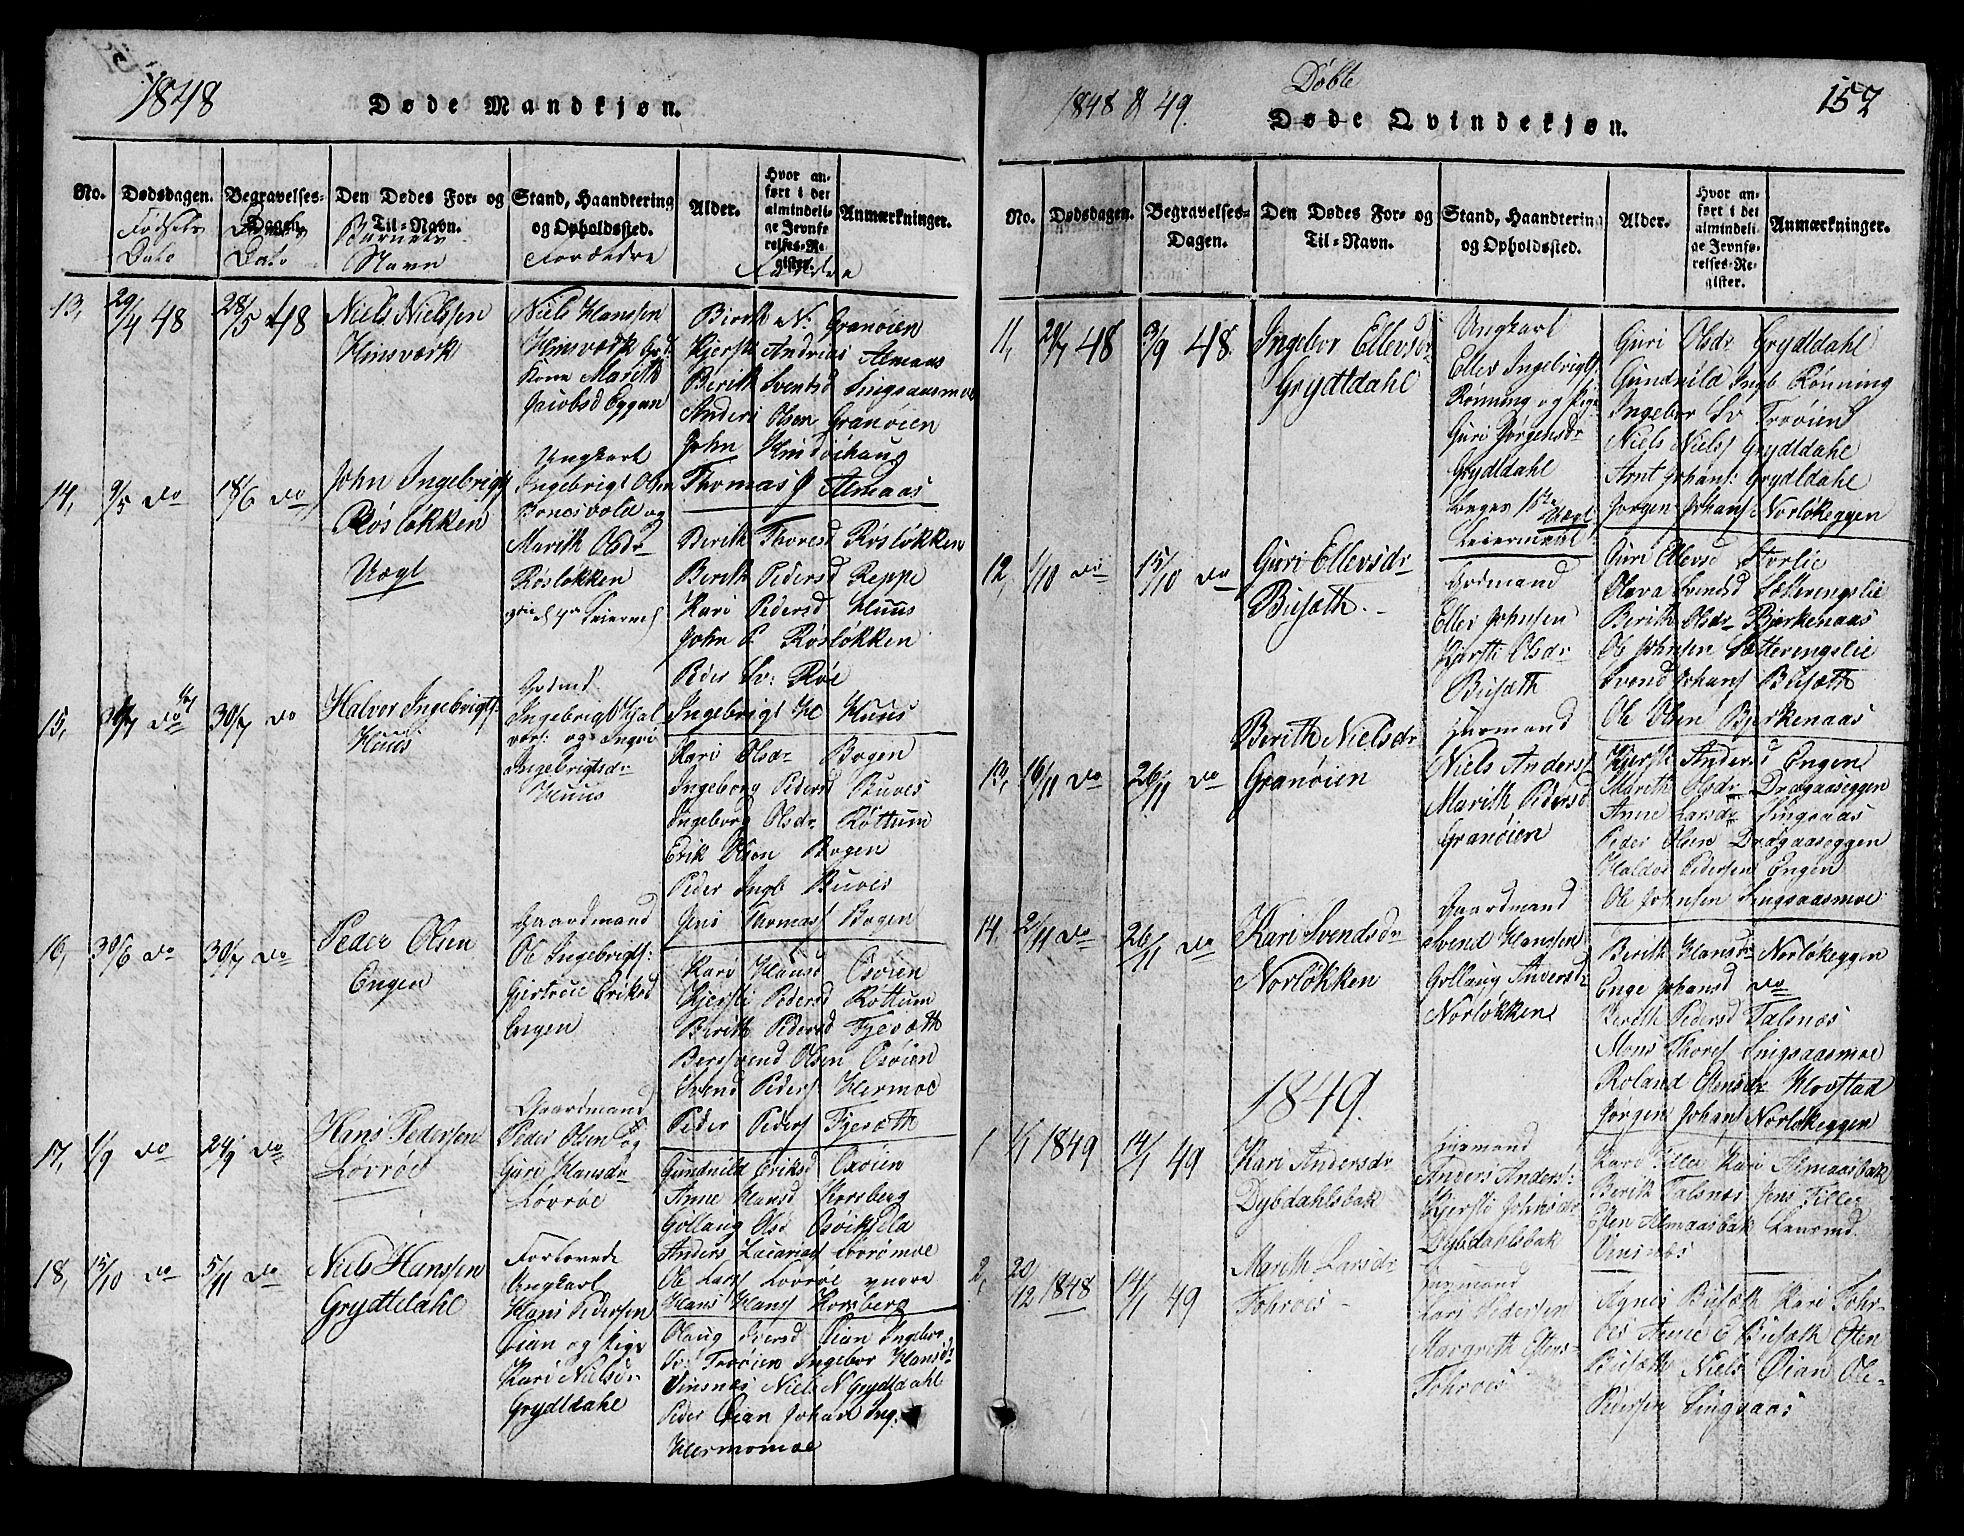 SAT, Ministerialprotokoller, klokkerbøker og fødselsregistre - Sør-Trøndelag, 688/L1026: Klokkerbok nr. 688C01, 1817-1860, s. 152